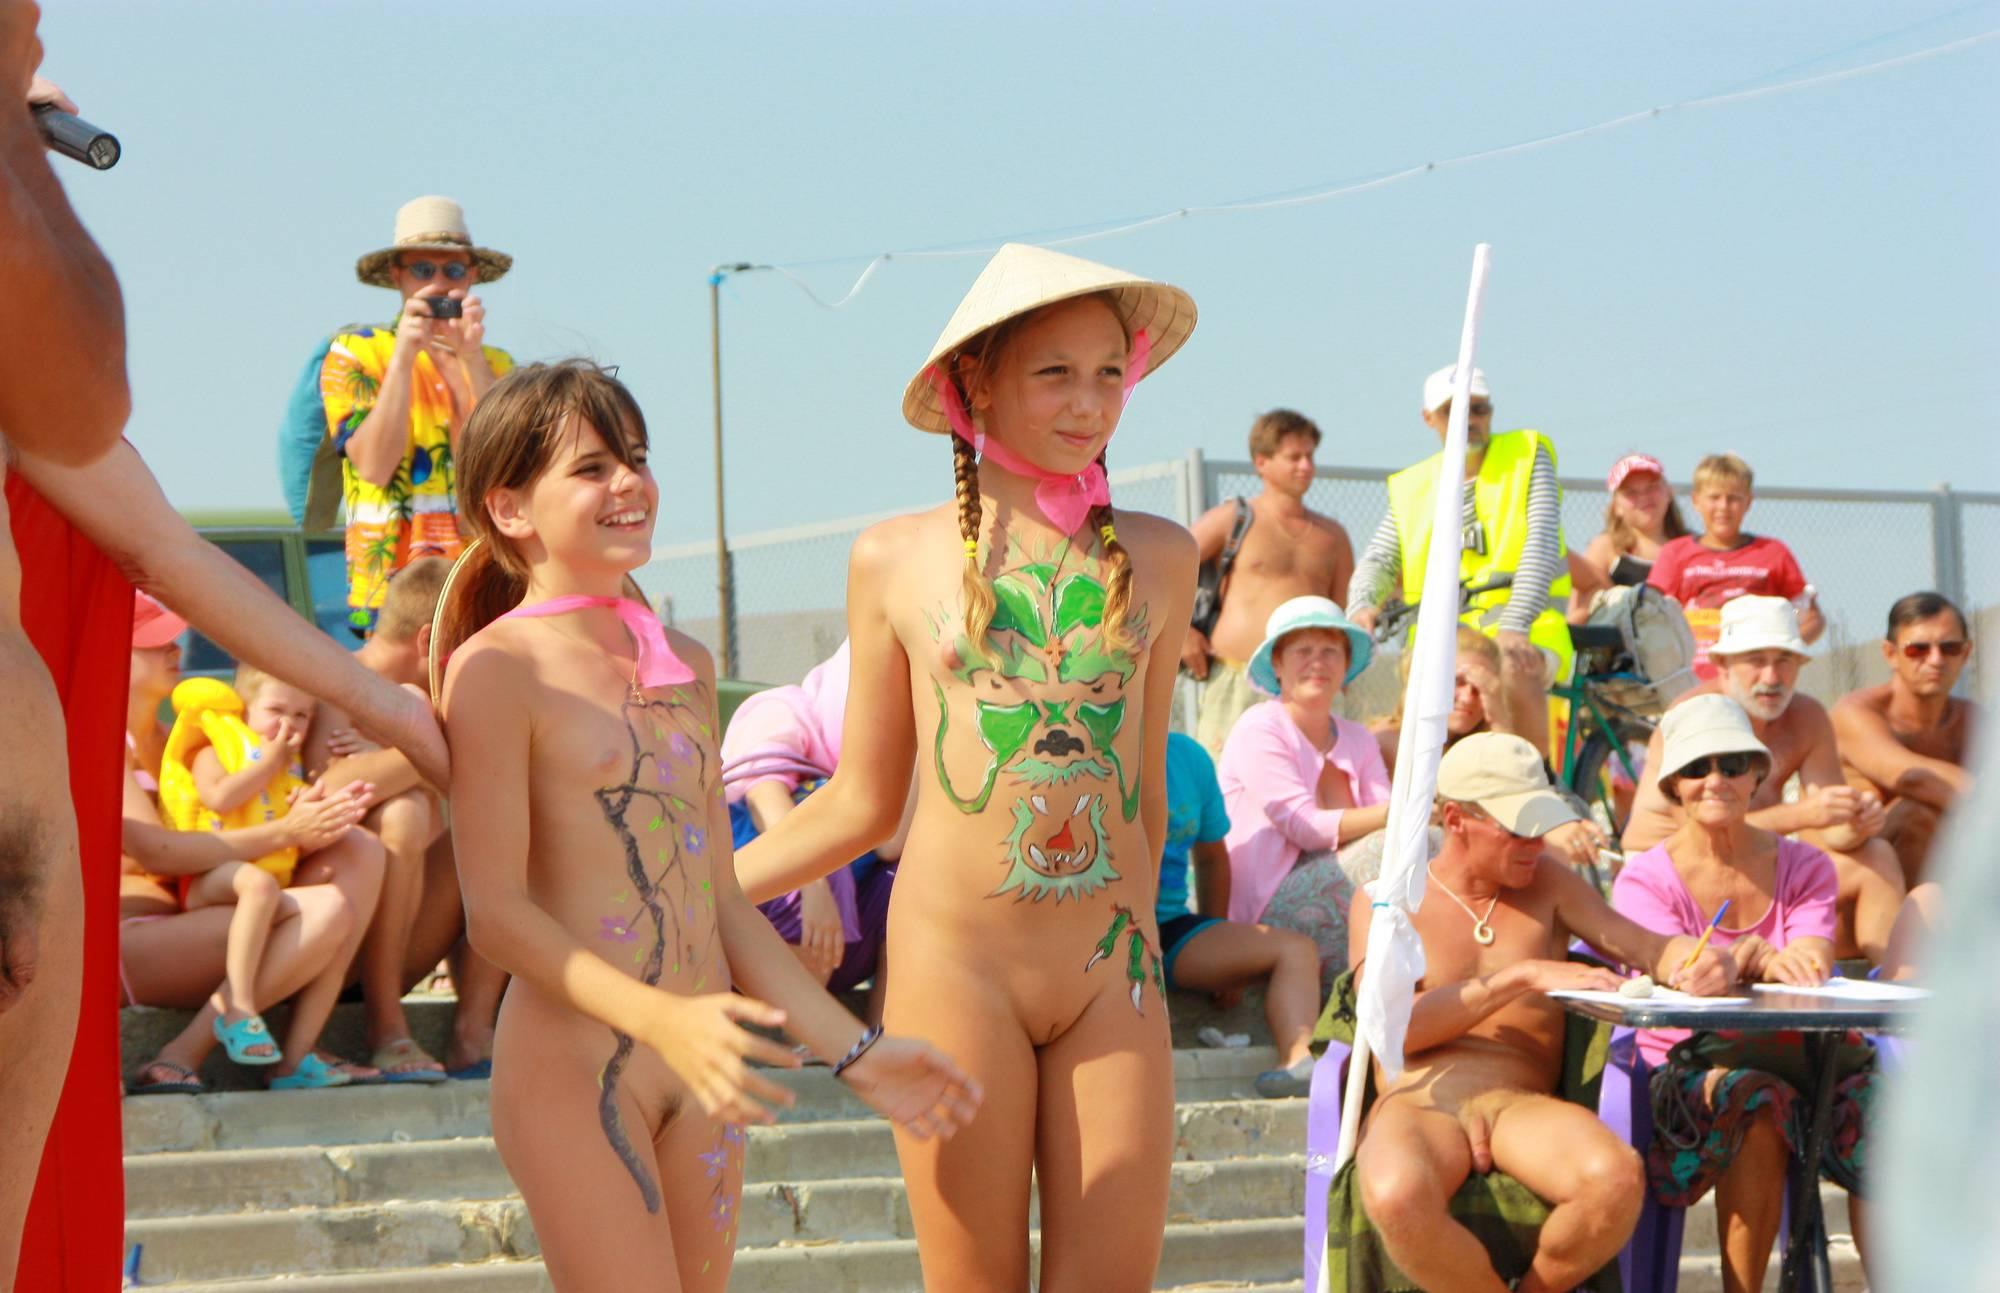 Nudist Photos Neptune Nudist Event Win - 2